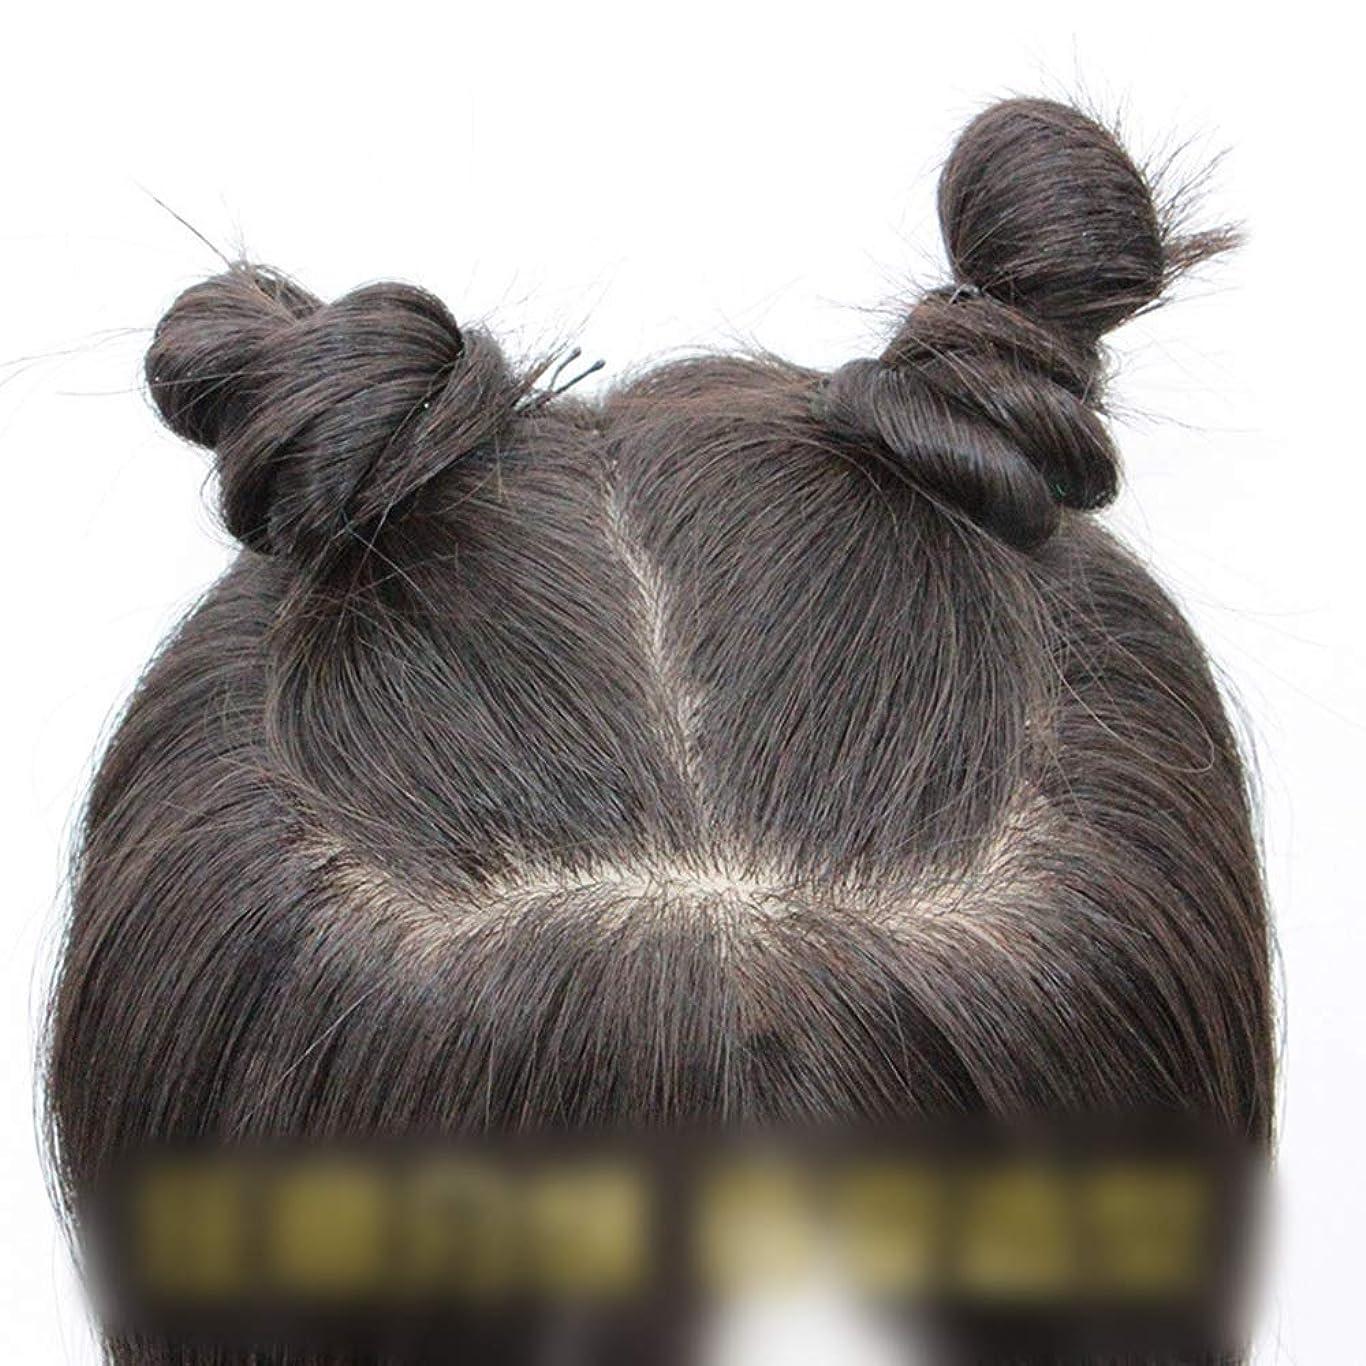 余剰不倫ポインタYrattary リアルヘアエクステンション3Dハンドニードルカバーホワイトヘアウィッグパーティーウィッグで女性のロングストレートヘアクリップ (Color : Natural black, サイズ : 35cm)